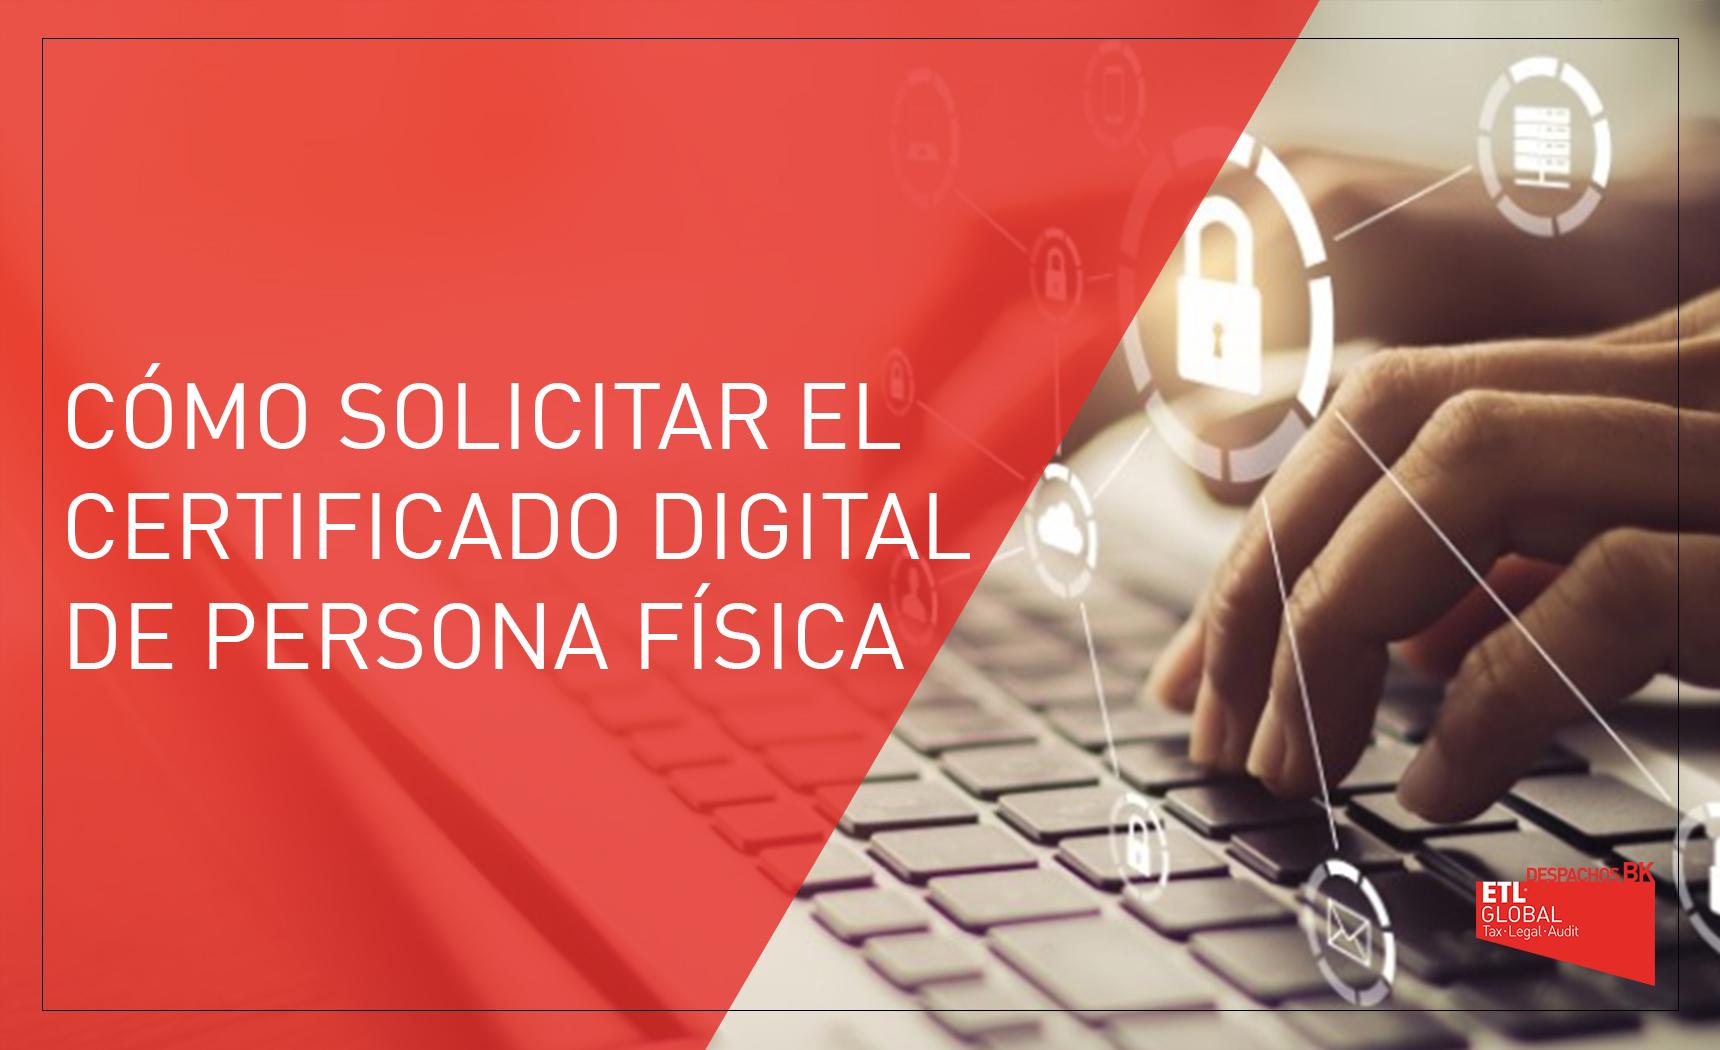 Solicitar certificado digital de persona física